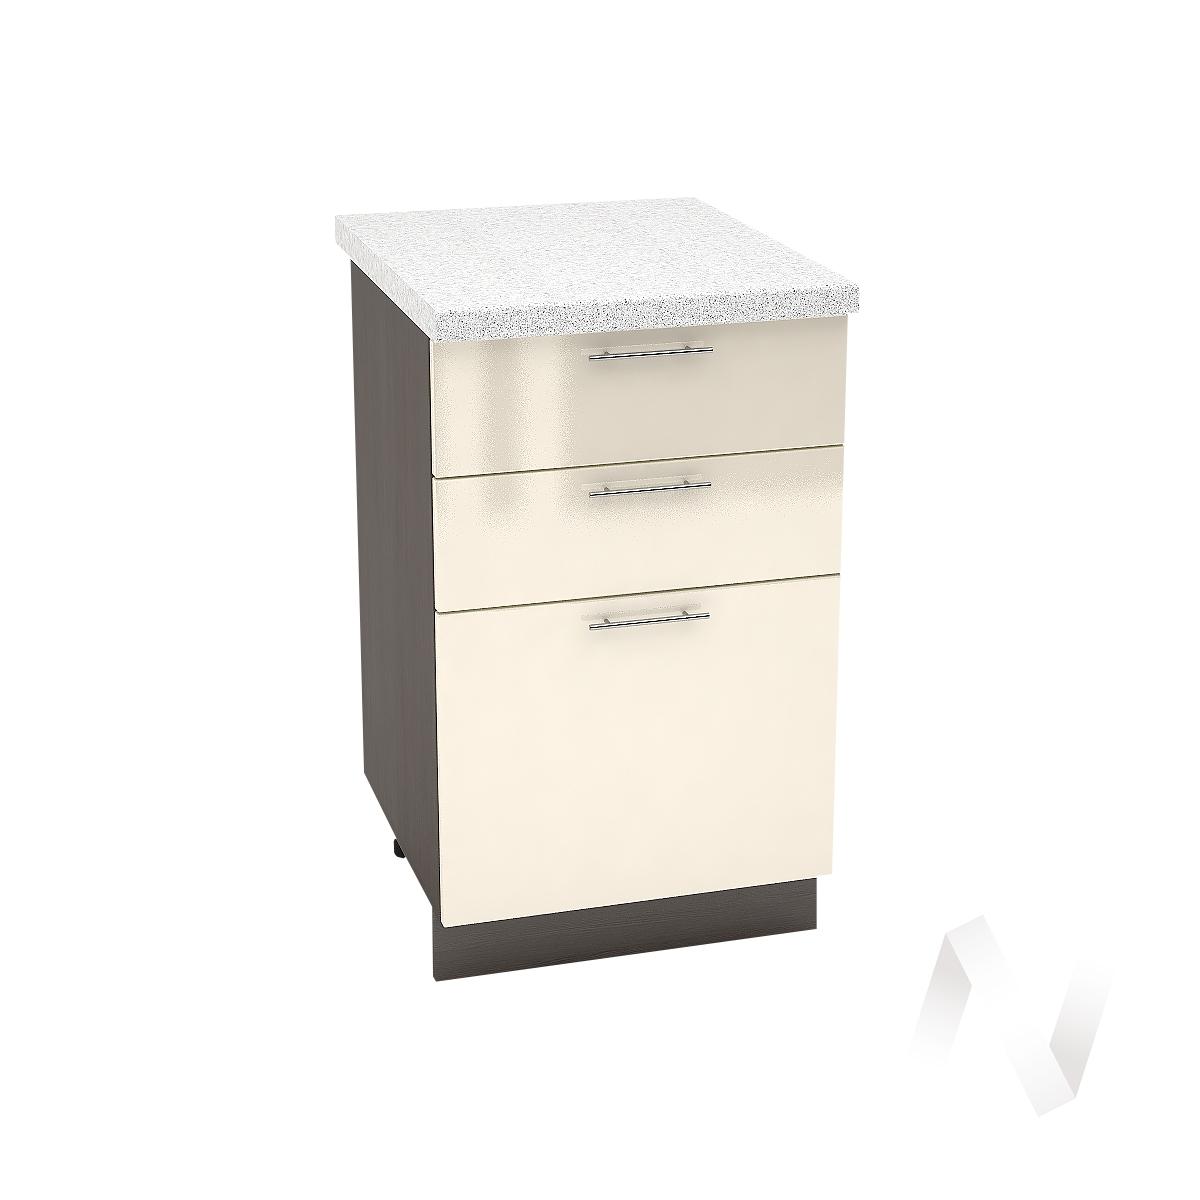 """Кухня """"Валерия-М"""": Шкаф нижний с 3-мя ящиками 500, ШН3Я 500 (Ваниль глянец/корпус венге)"""